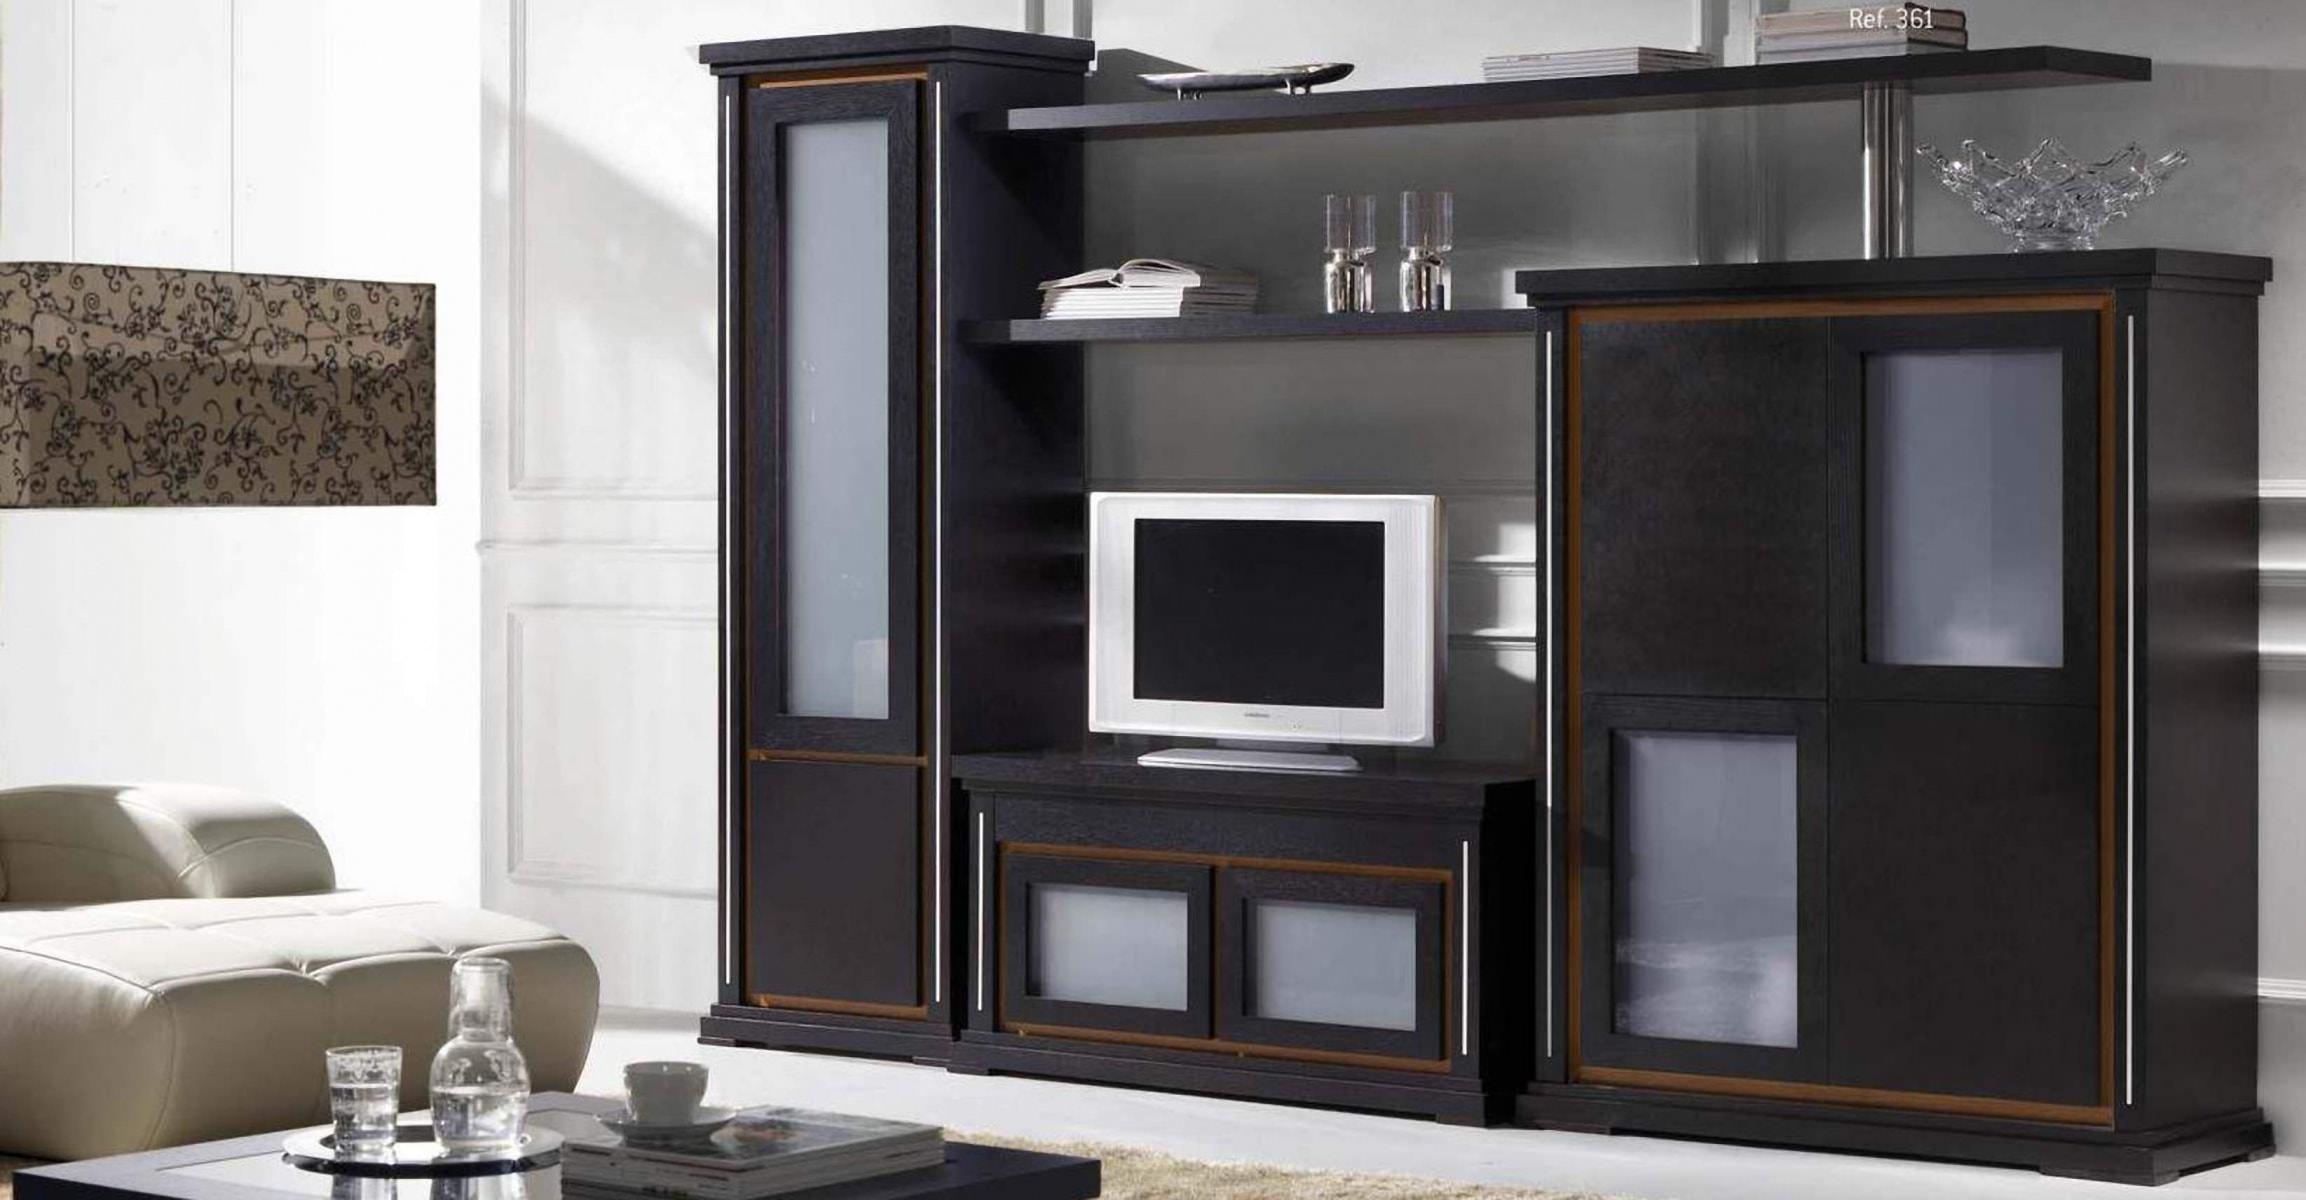 Гостиная SAFIRA 361 IDC